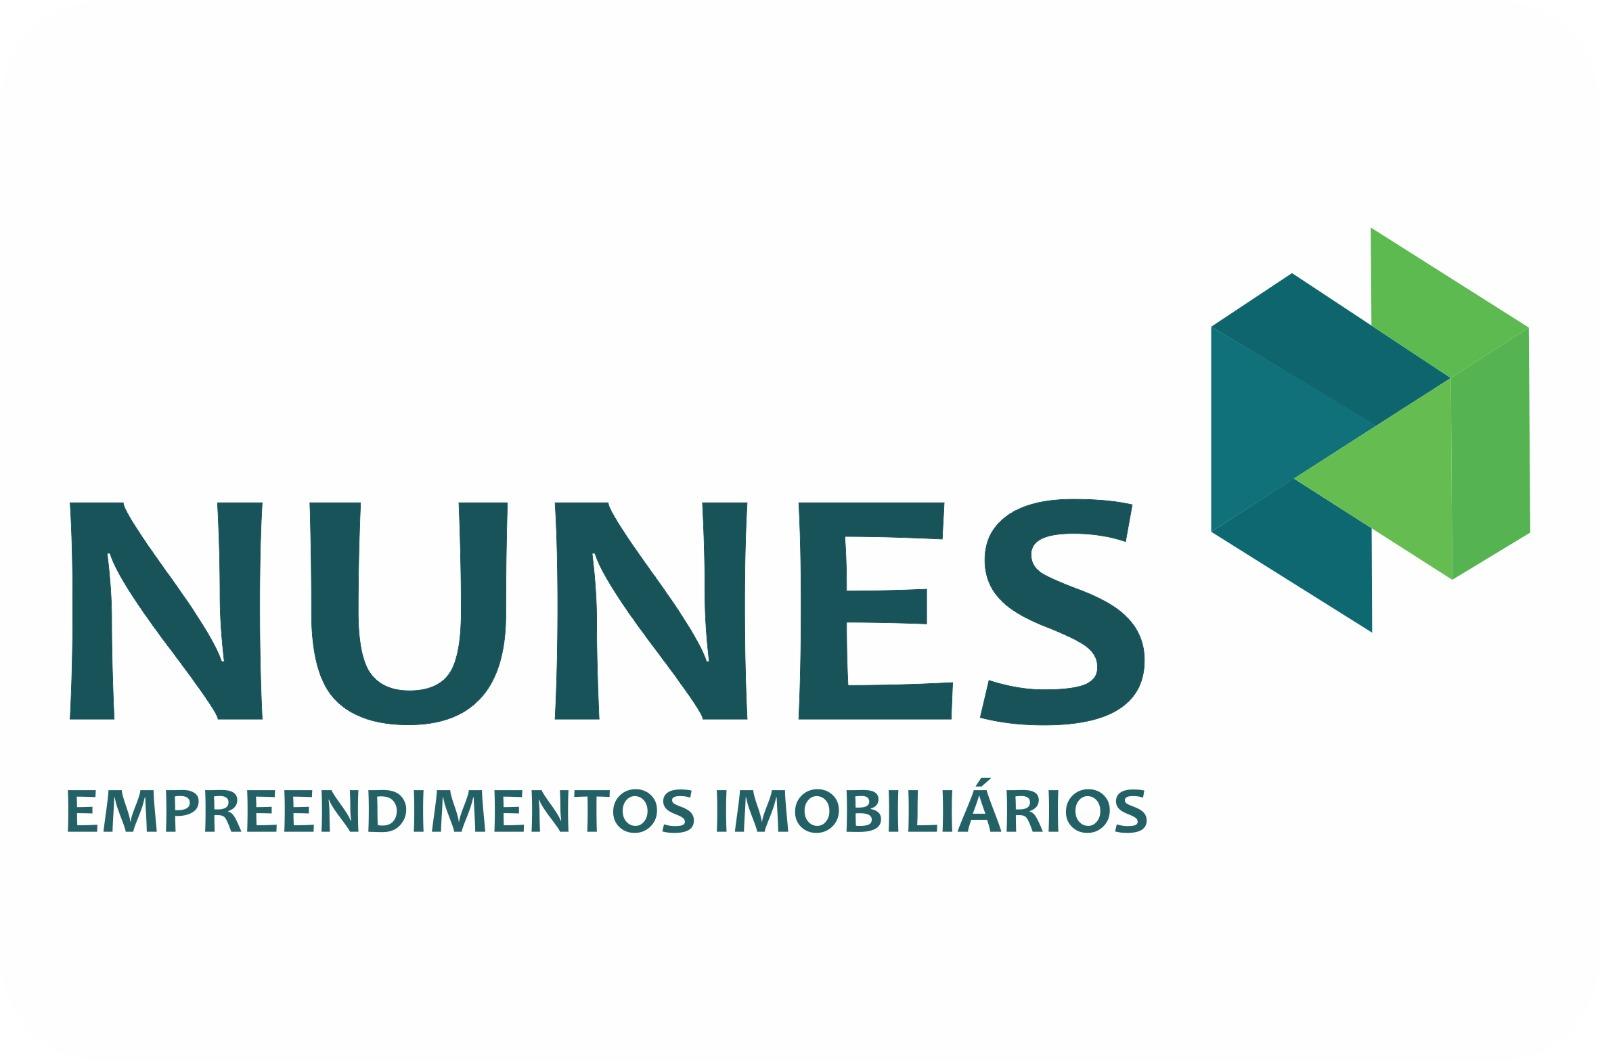 NUNES / Empreendimentos Imobiliários